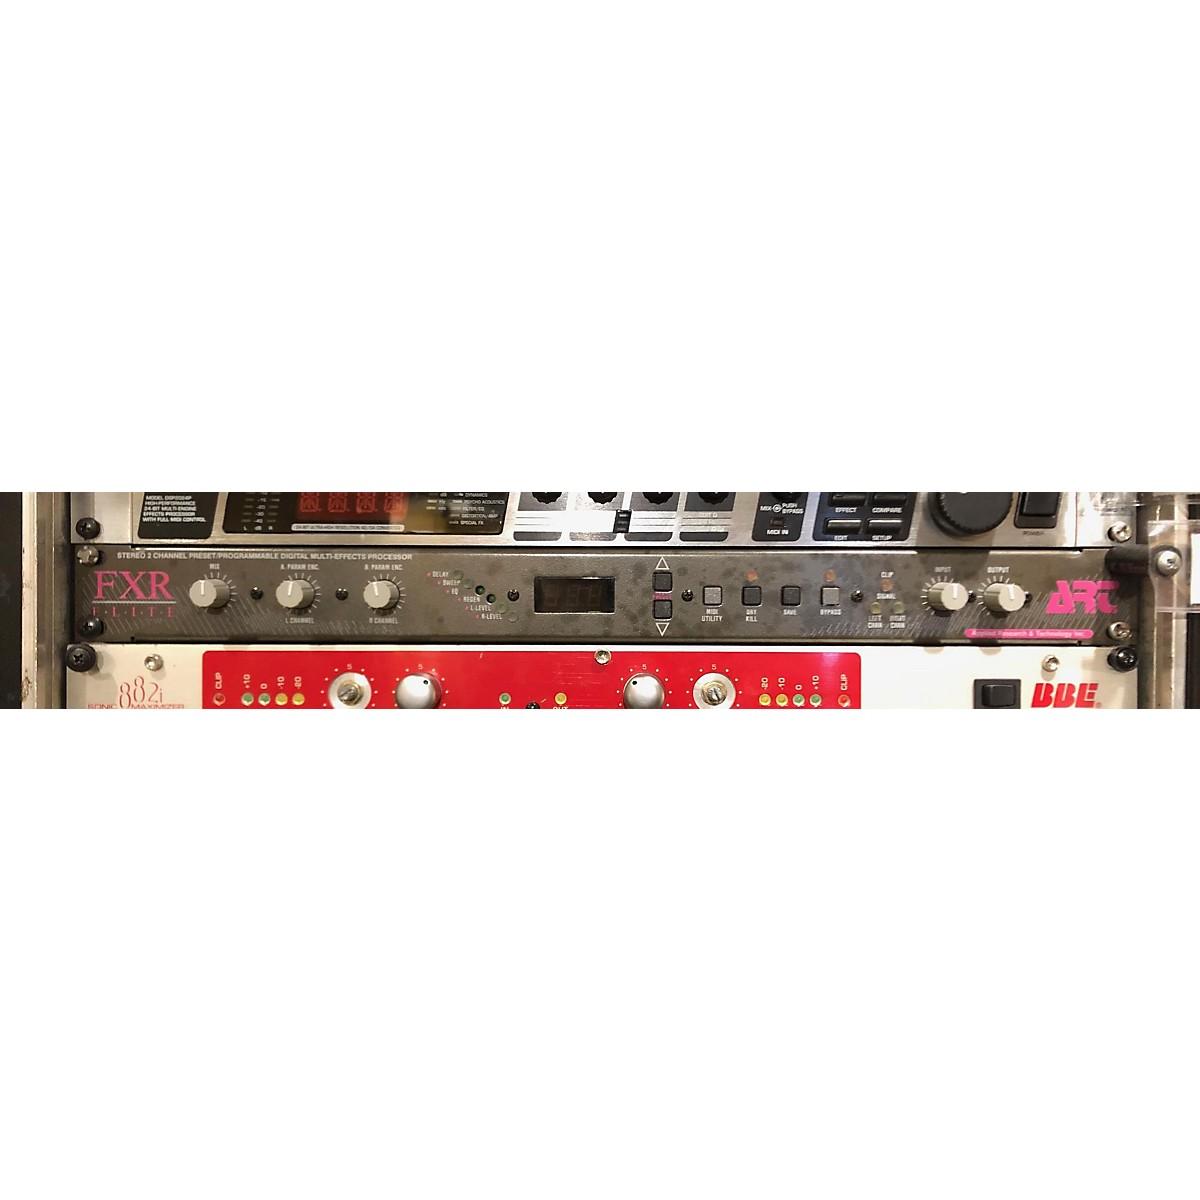 Art FXR Guitar Power Amp